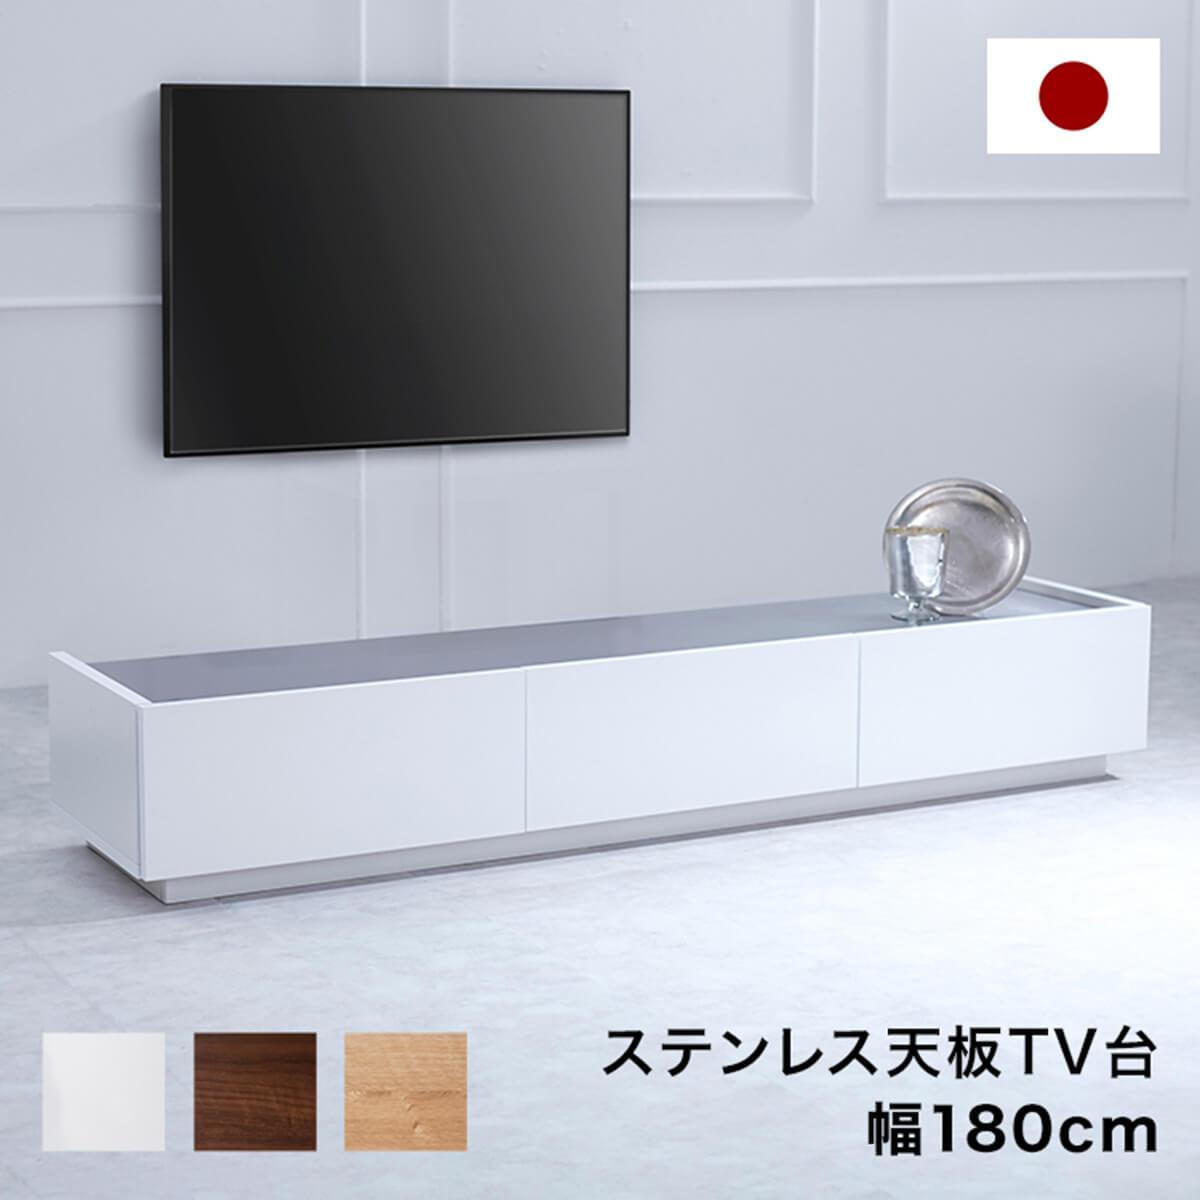 ステンレス天板 国産テレビボード